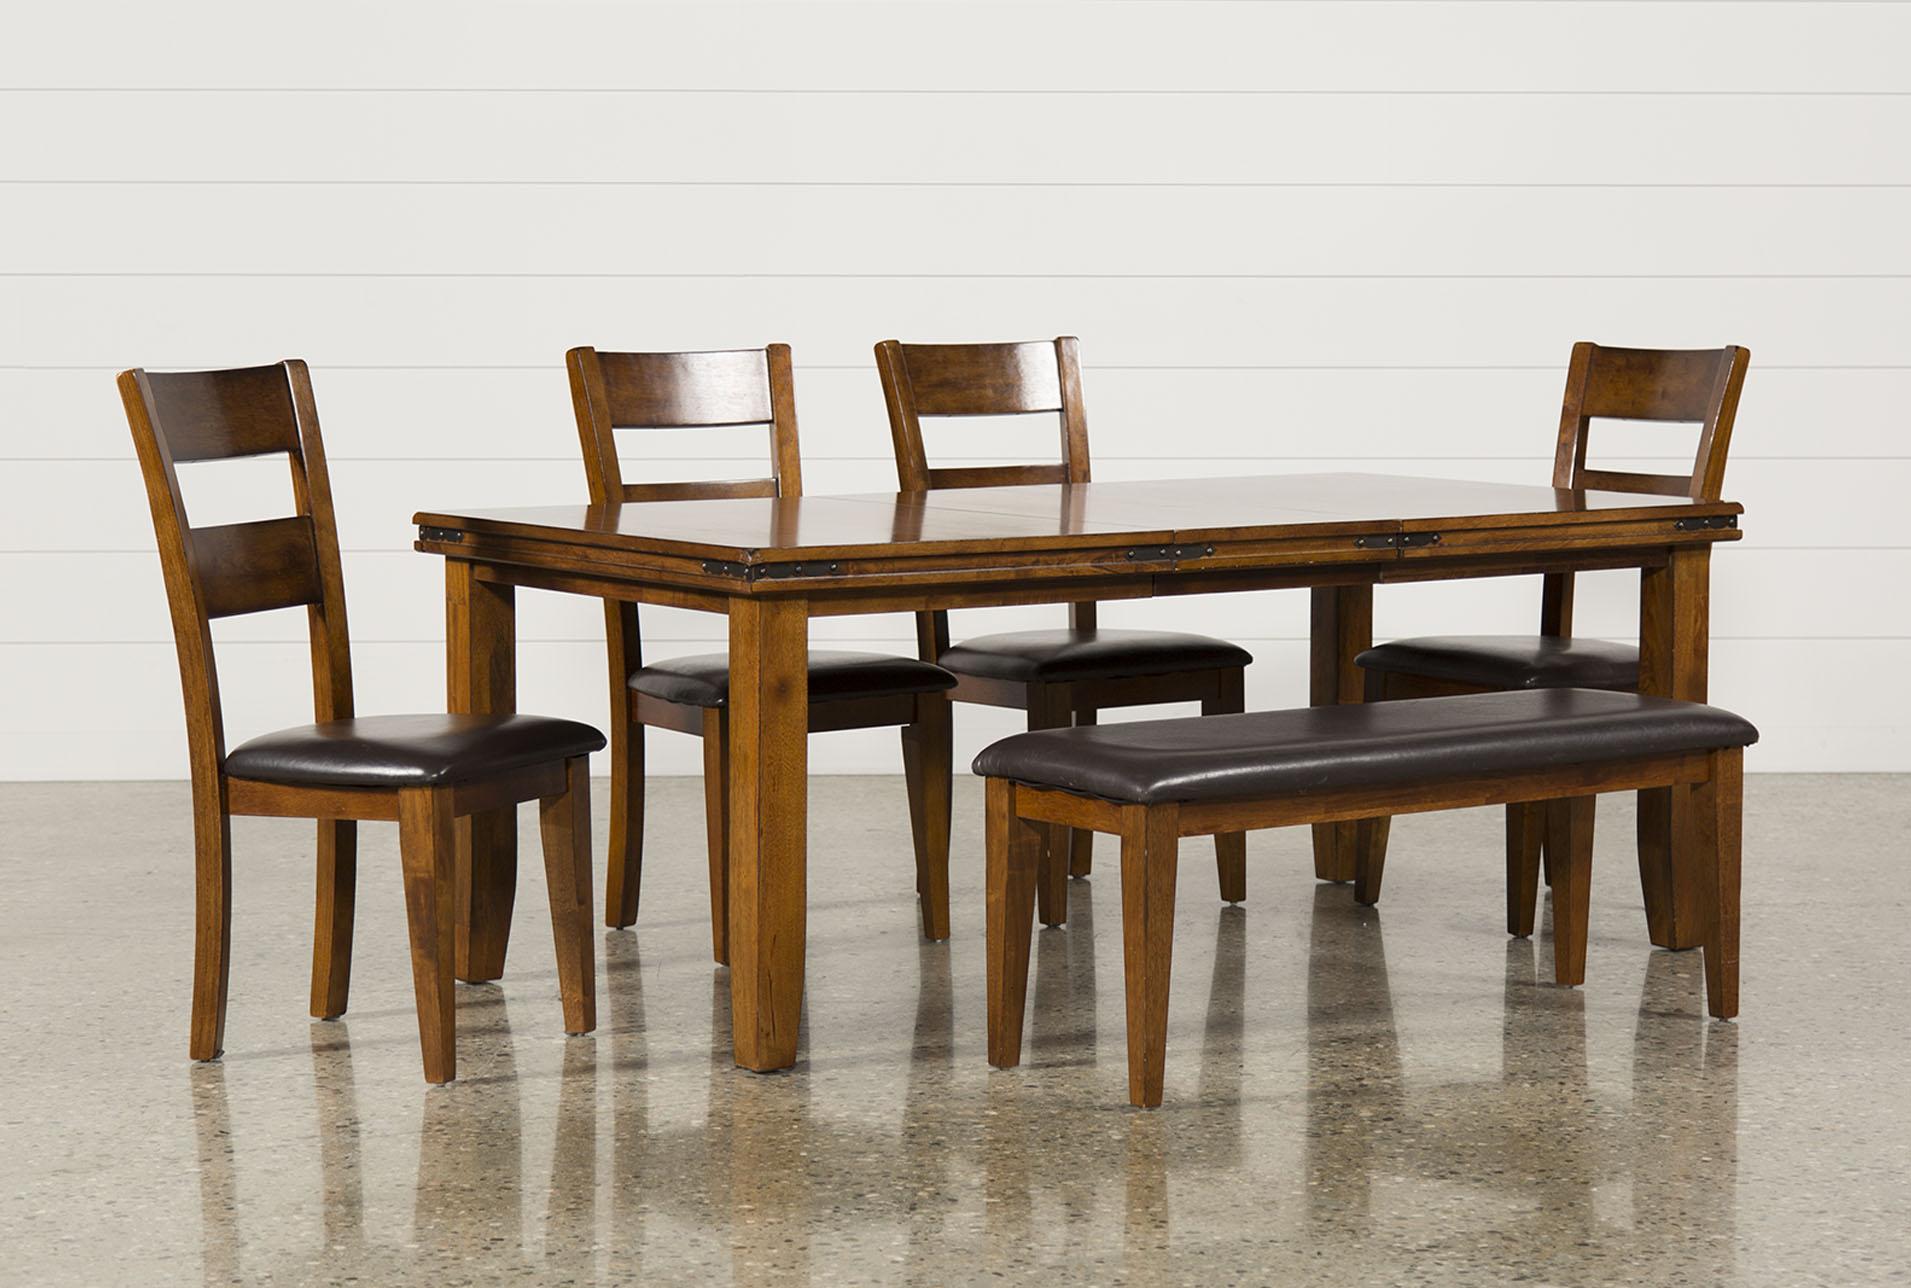 lancaster 6 piece dining set   360 lancaster 6 piece dining set   living spaces  rh   livingspaces com